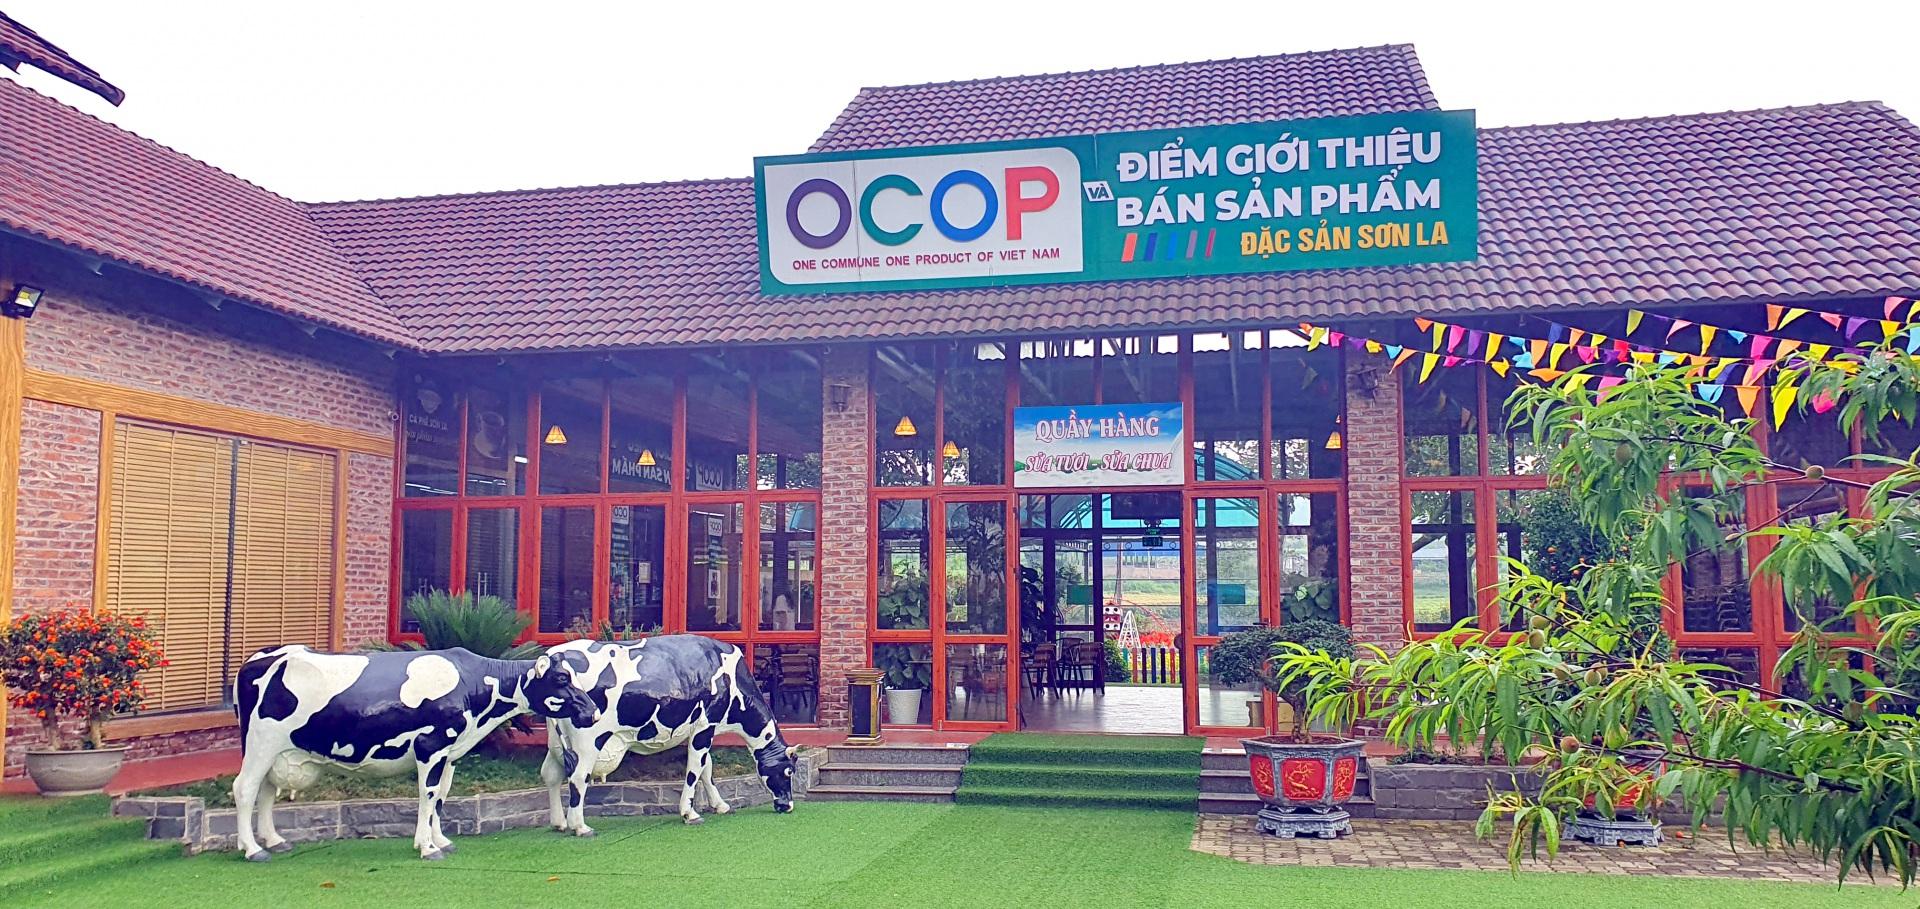 Đẩy mạnh chương trình OCOP có vai trò quan trọng thúc đẩy phát triển mạnh mẽ kinh tế nông thôn